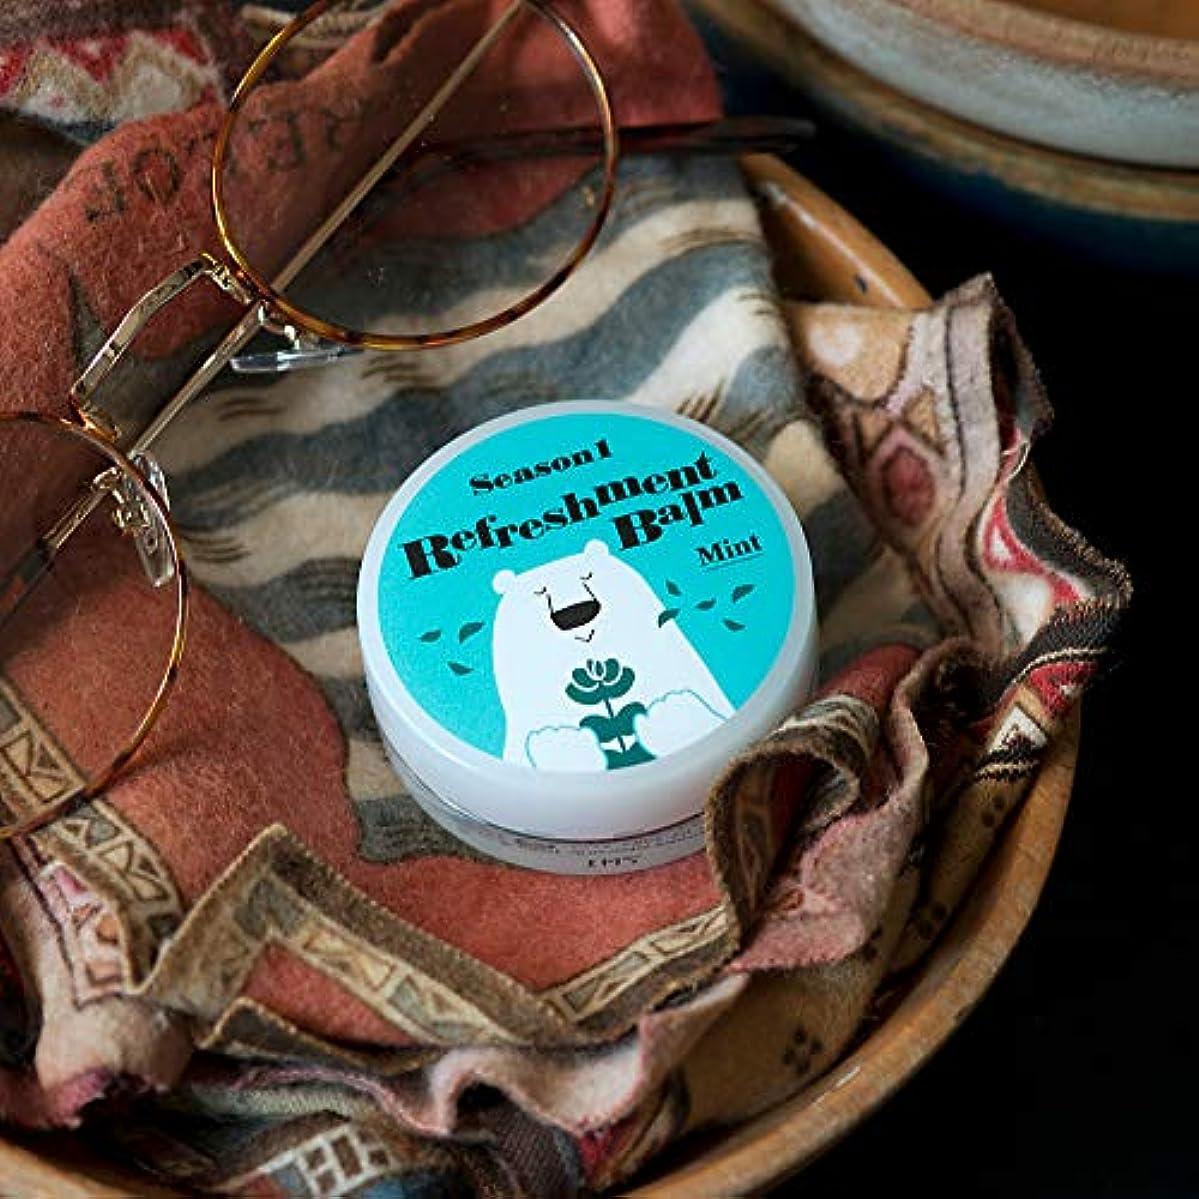 方程式生産性第二(美健)BIKEN カサカサ鼻にひと塗り リフレッシュメントバーム ミント エッセンシャルオイル(精油)のみで香り付け